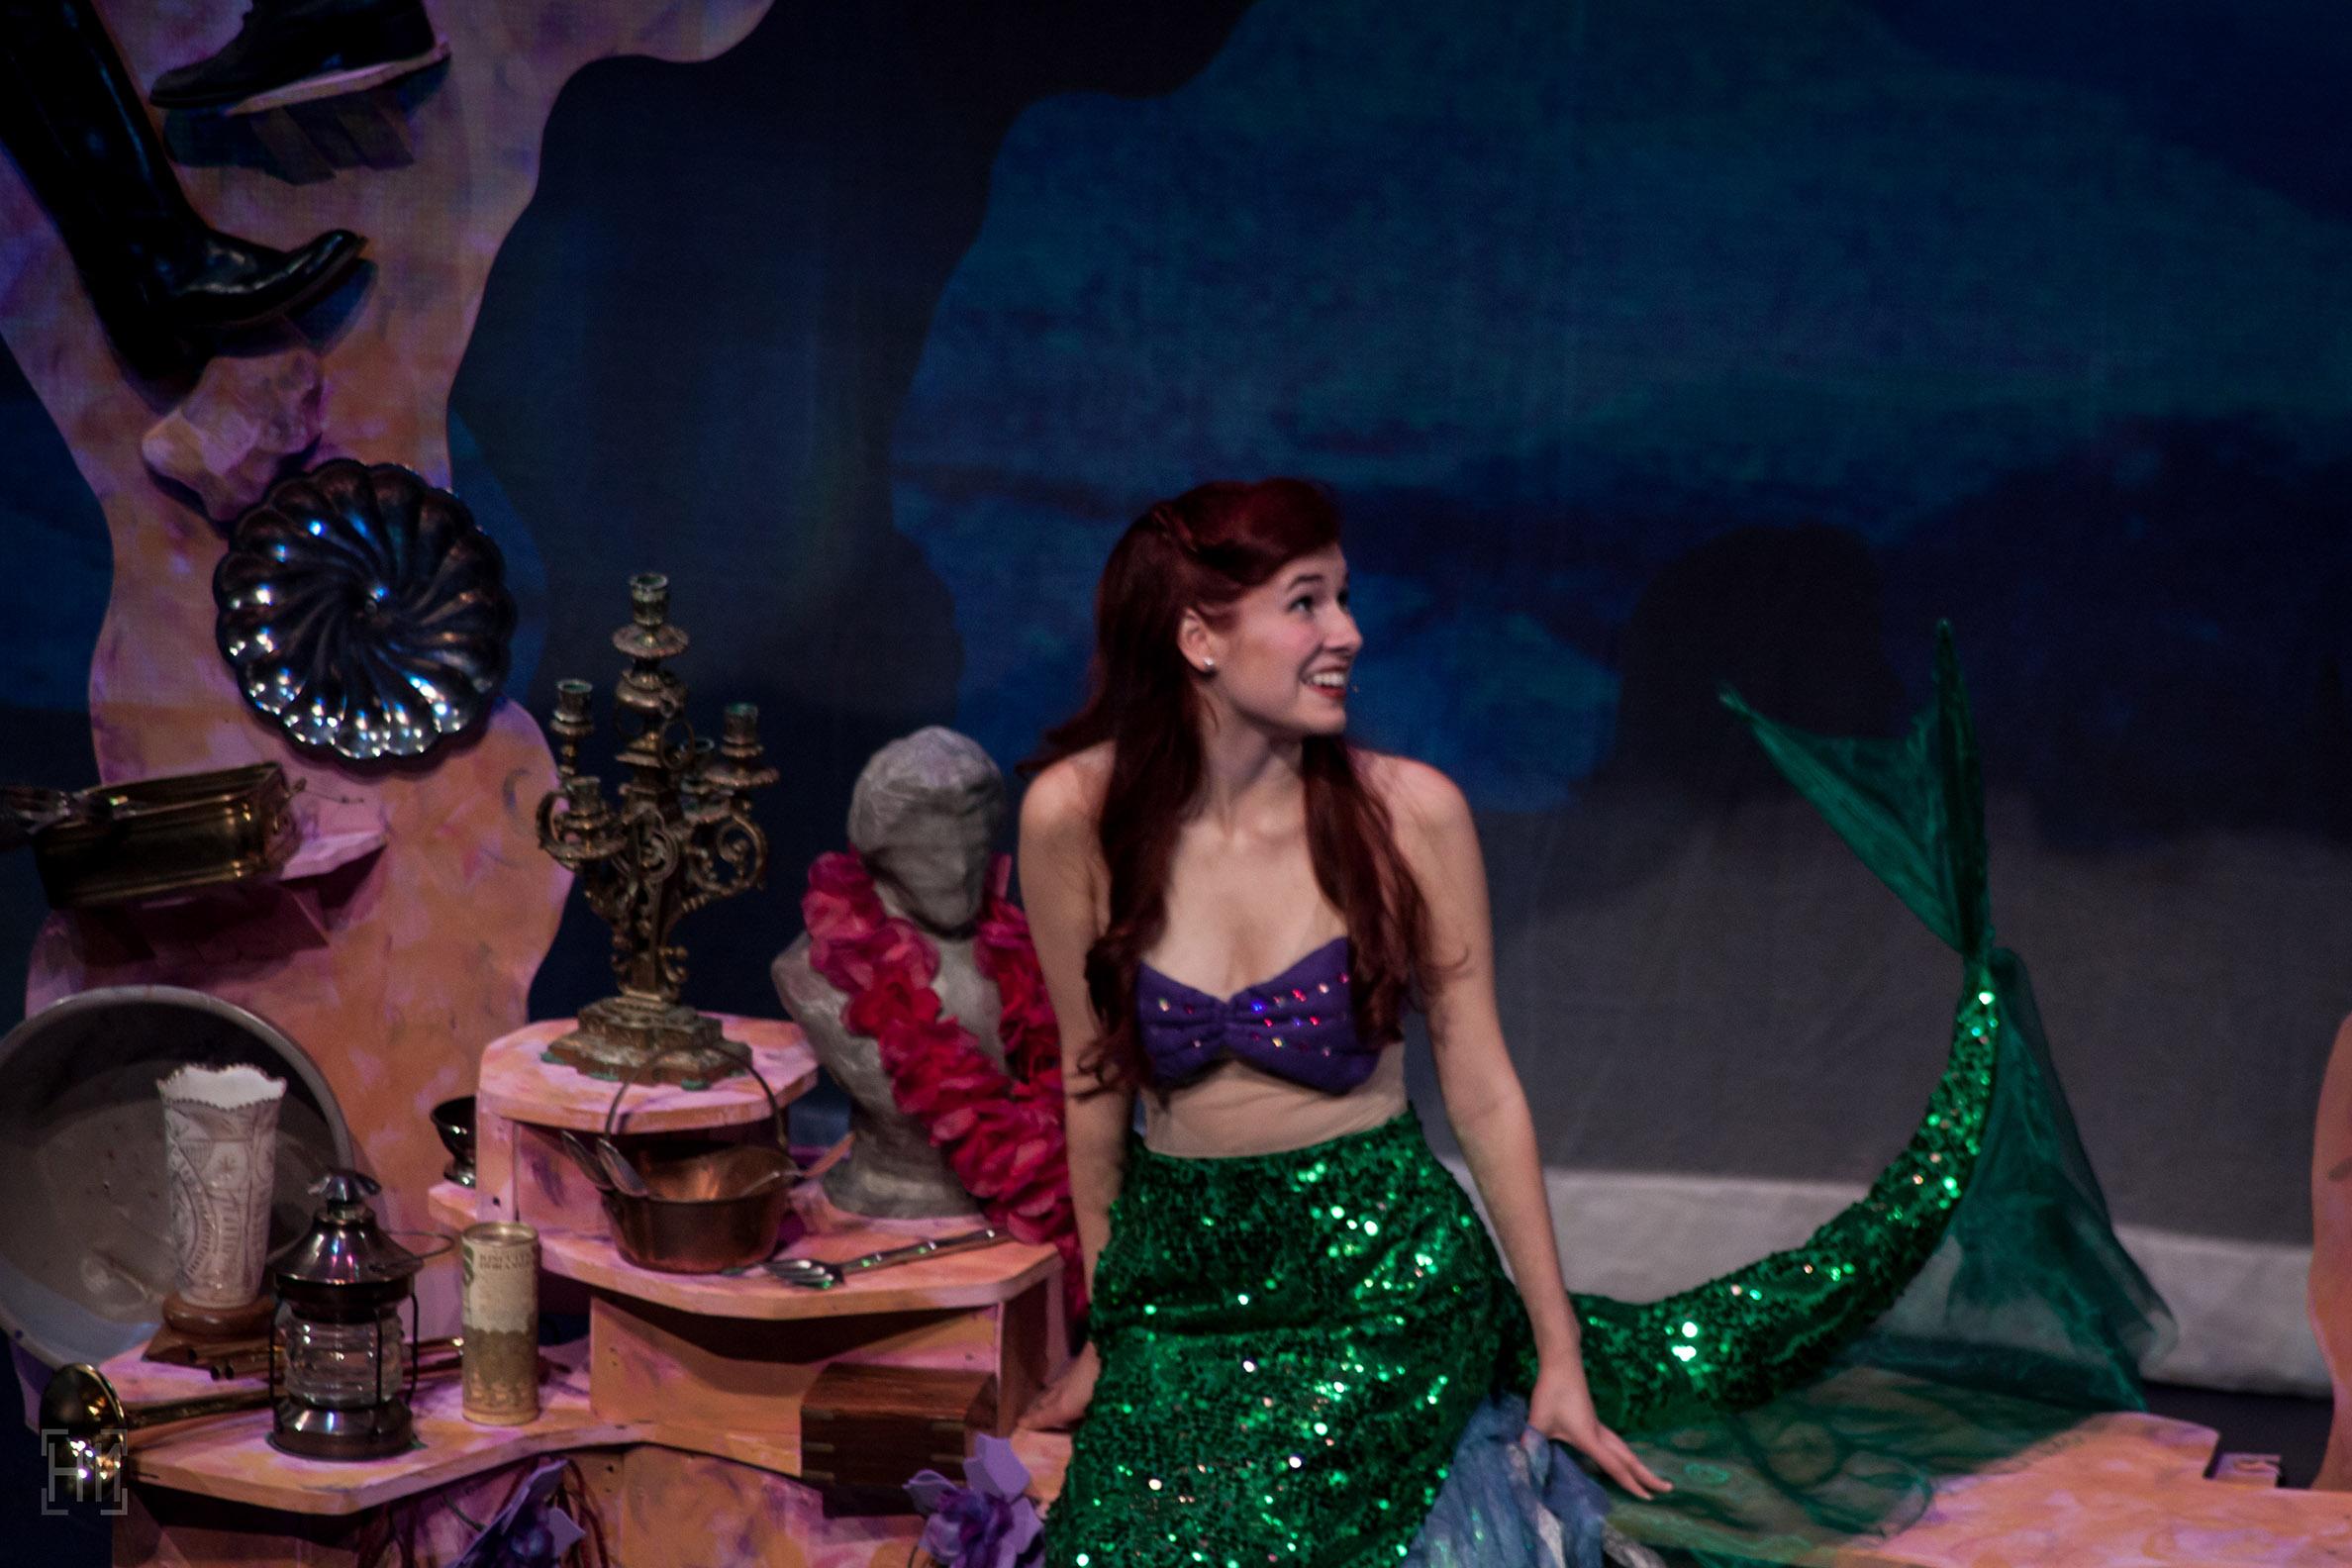 Mermaid_CloseUp (17 of 118)